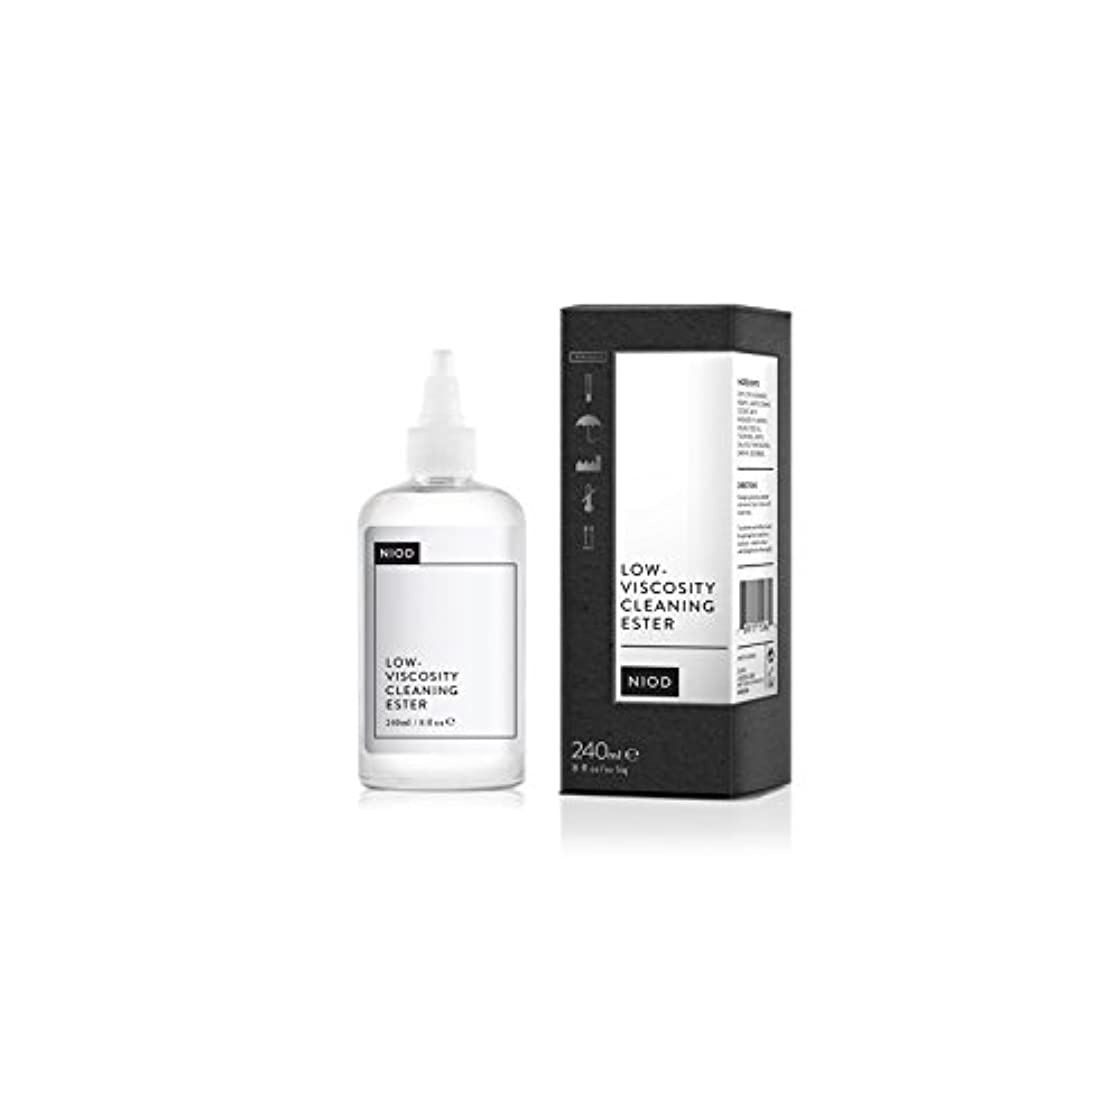 離れた潮花輪低粘度のクリーニングエステル(240ミリリットル) x2 - Niod Low-Viscosity Cleaning Ester (240ml) (Pack of 2) [並行輸入品]